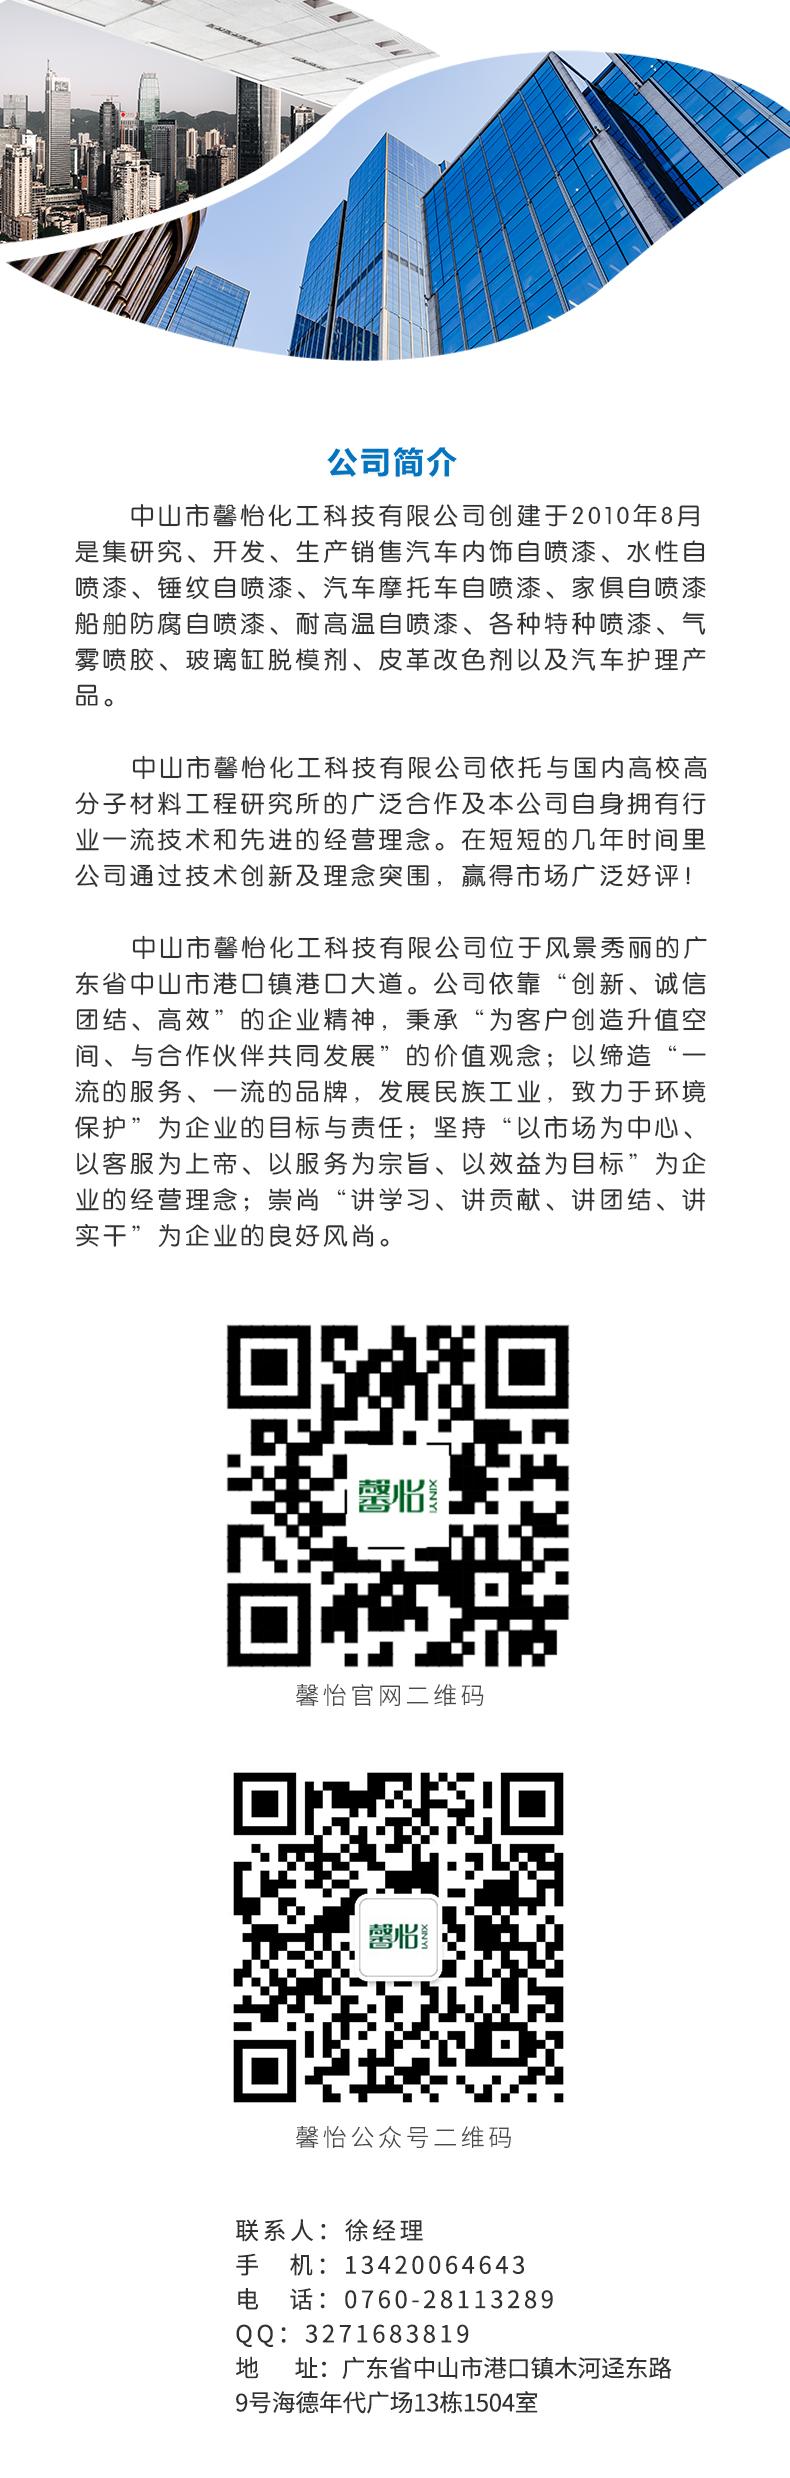 微信图片_20201015104827